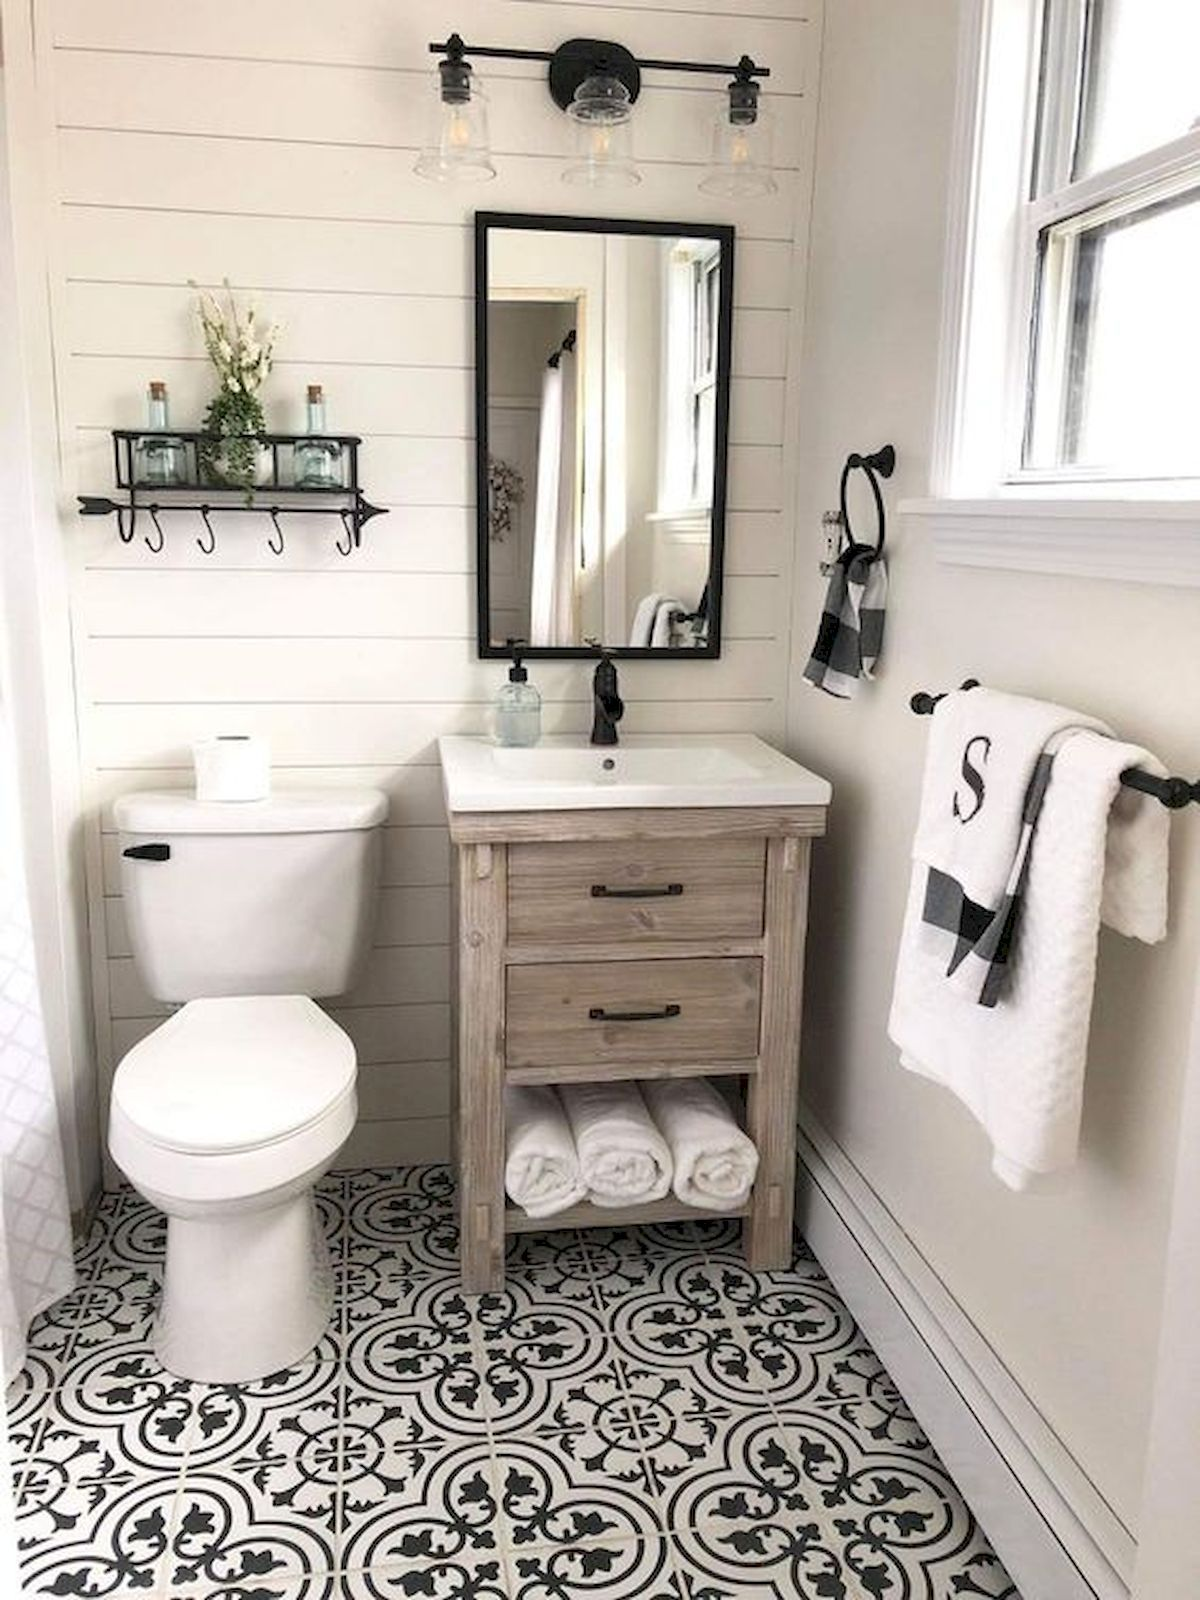 50 Awesome Wall Decoration Ideas For Bathroom Bathroom Farmhouse Style Small Farmhouse Bathroom Small Bathroom